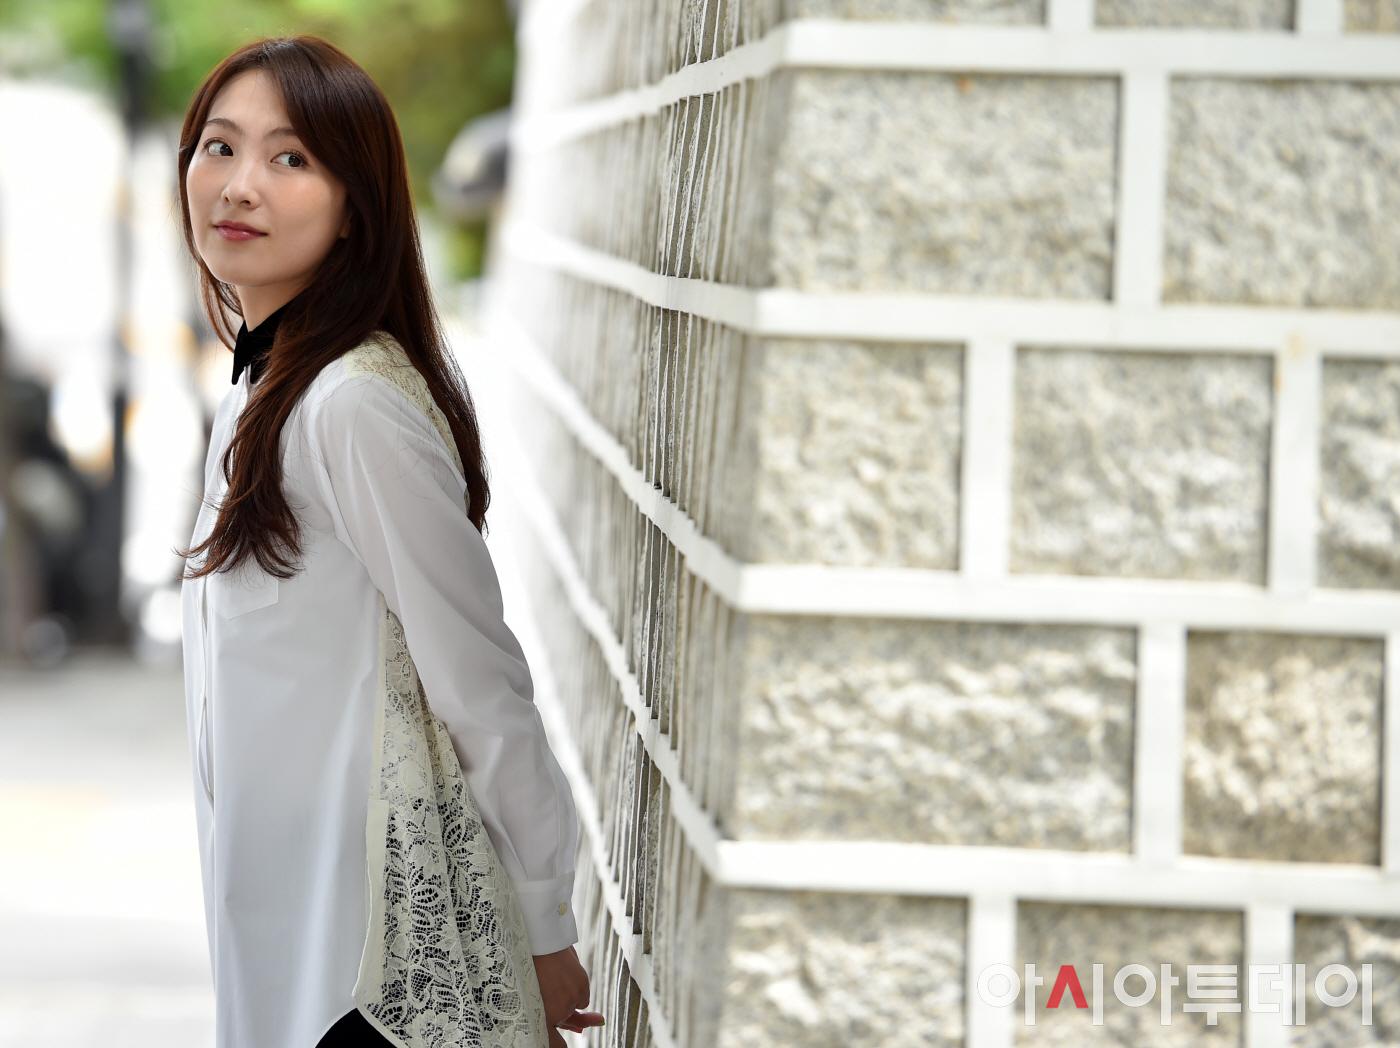 [포토] 강지영, 야식남녀 인터뷰